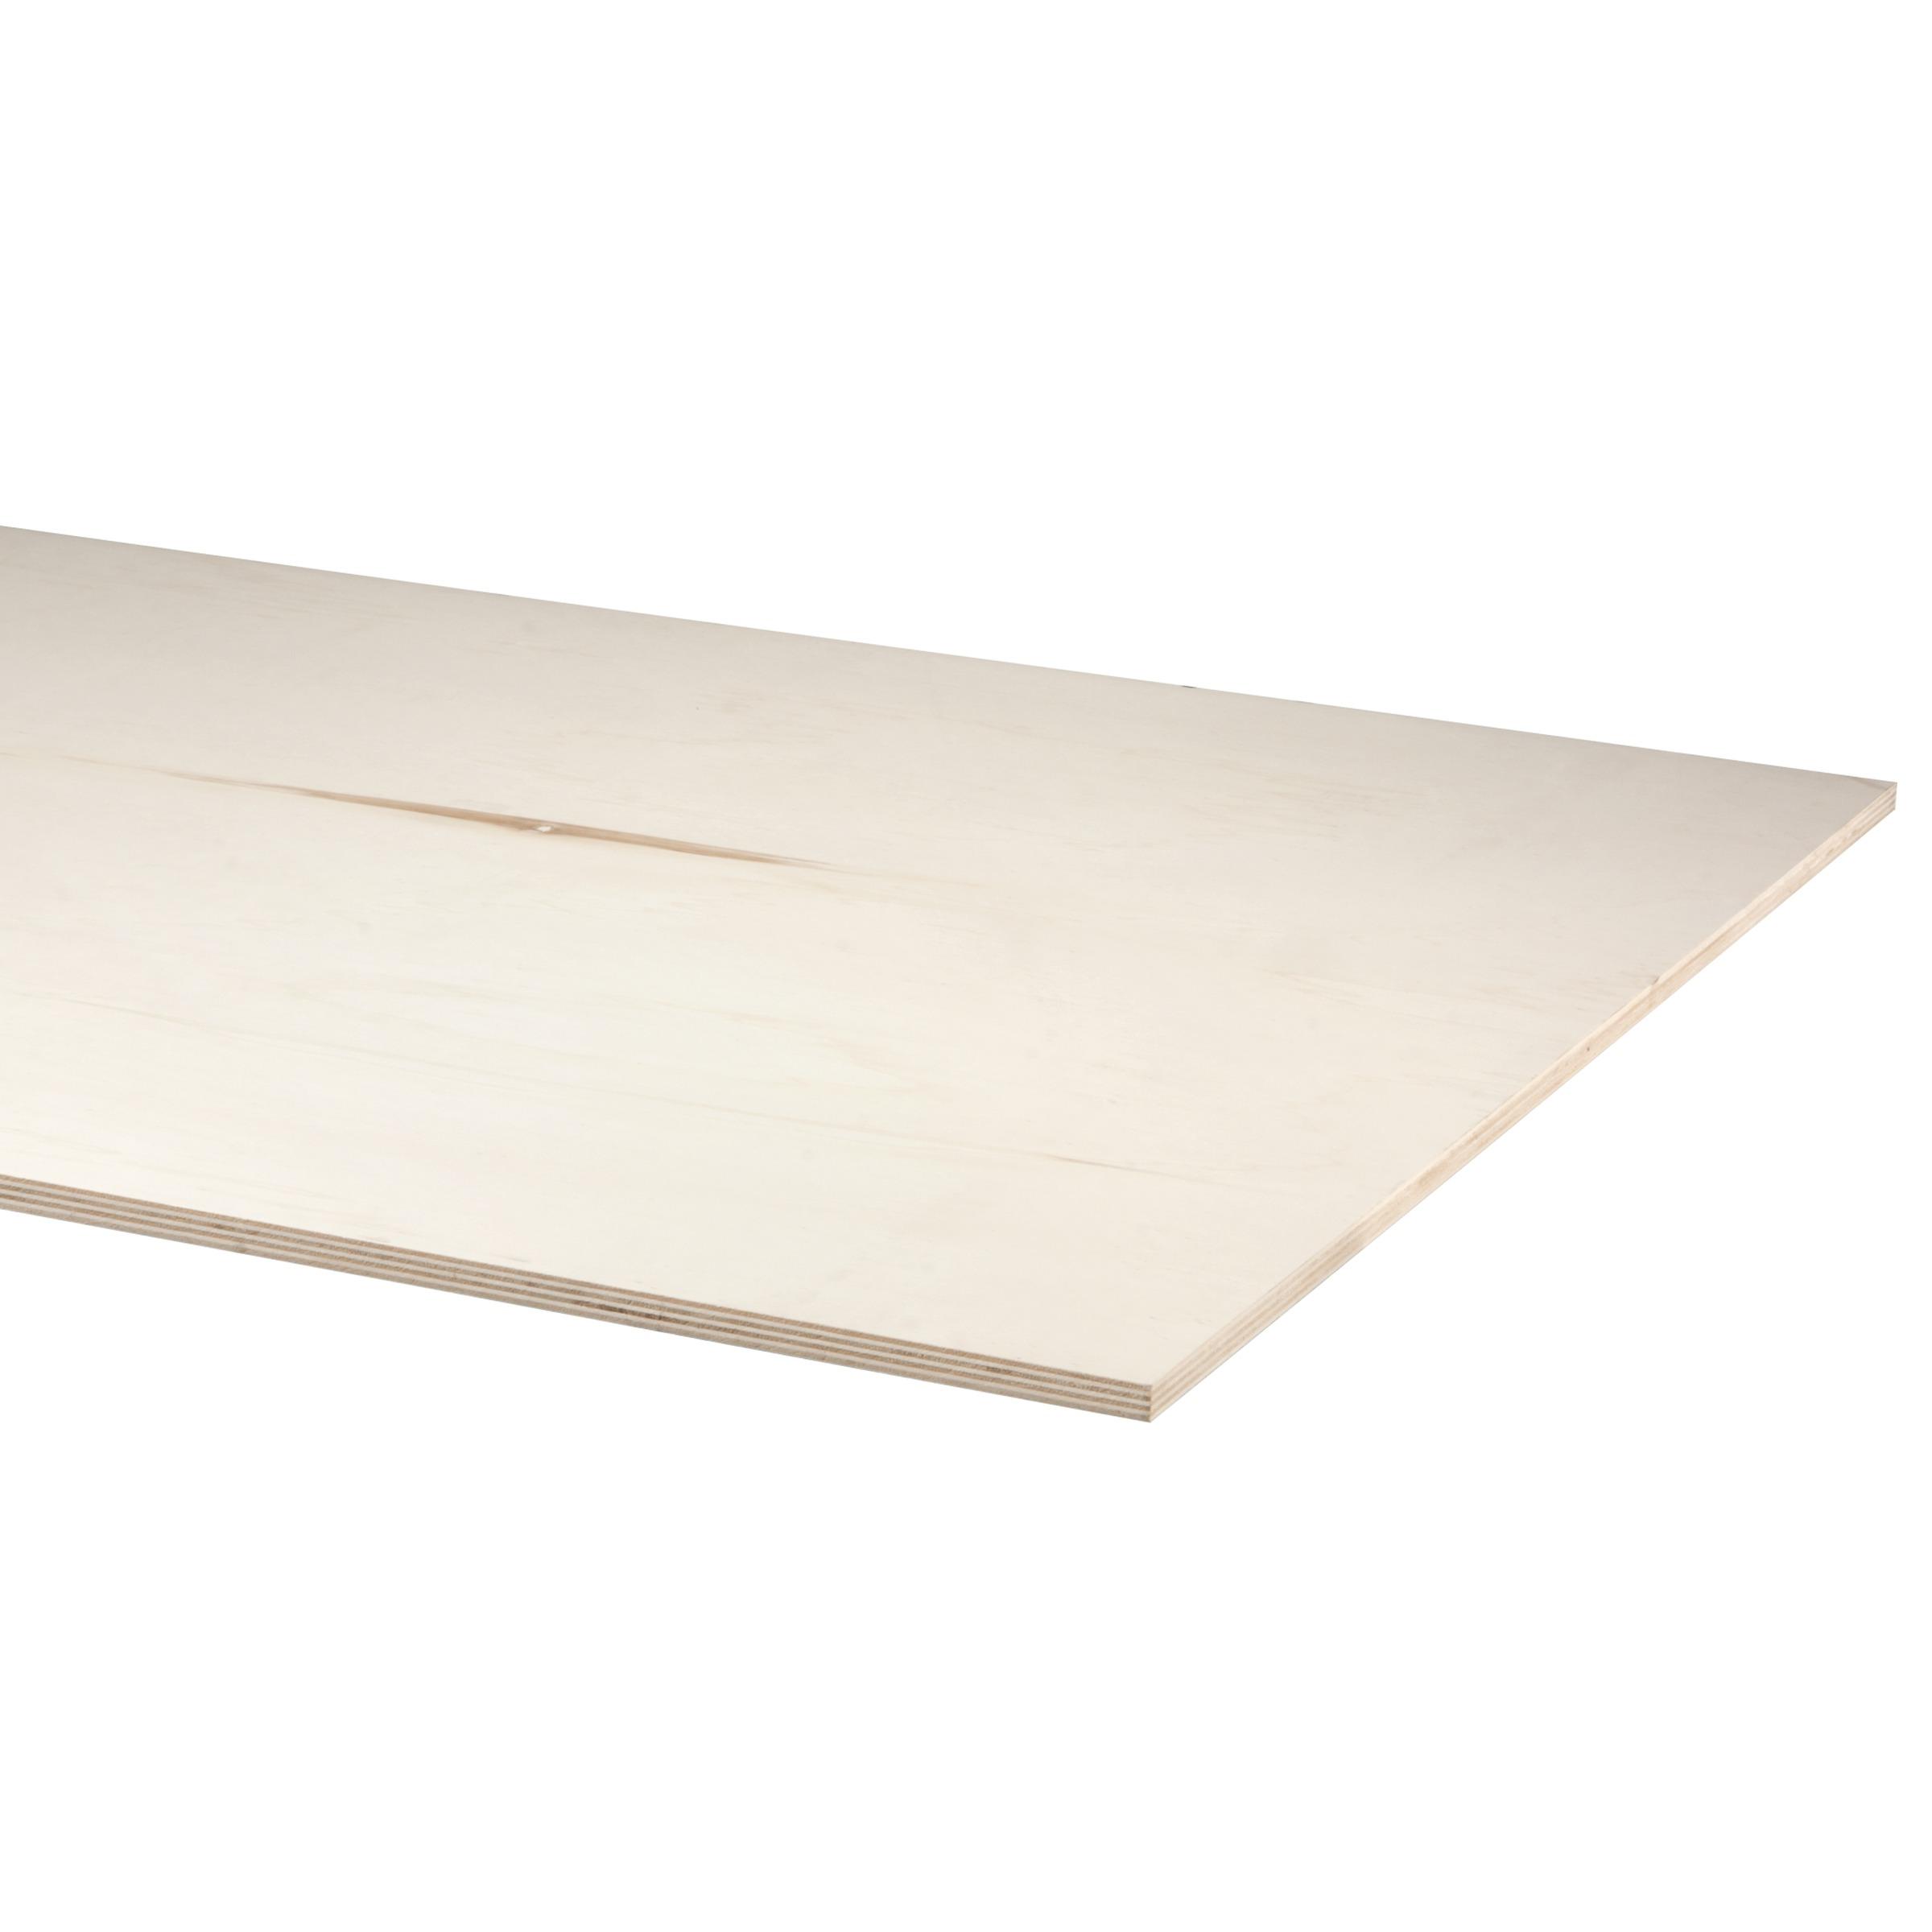 Multiplex 18 Mm : multiplex plaat populier pefc 244x122 cm 18 mm multiplex plaatmateriaal hout ~ Frokenaadalensverden.com Haus und Dekorationen